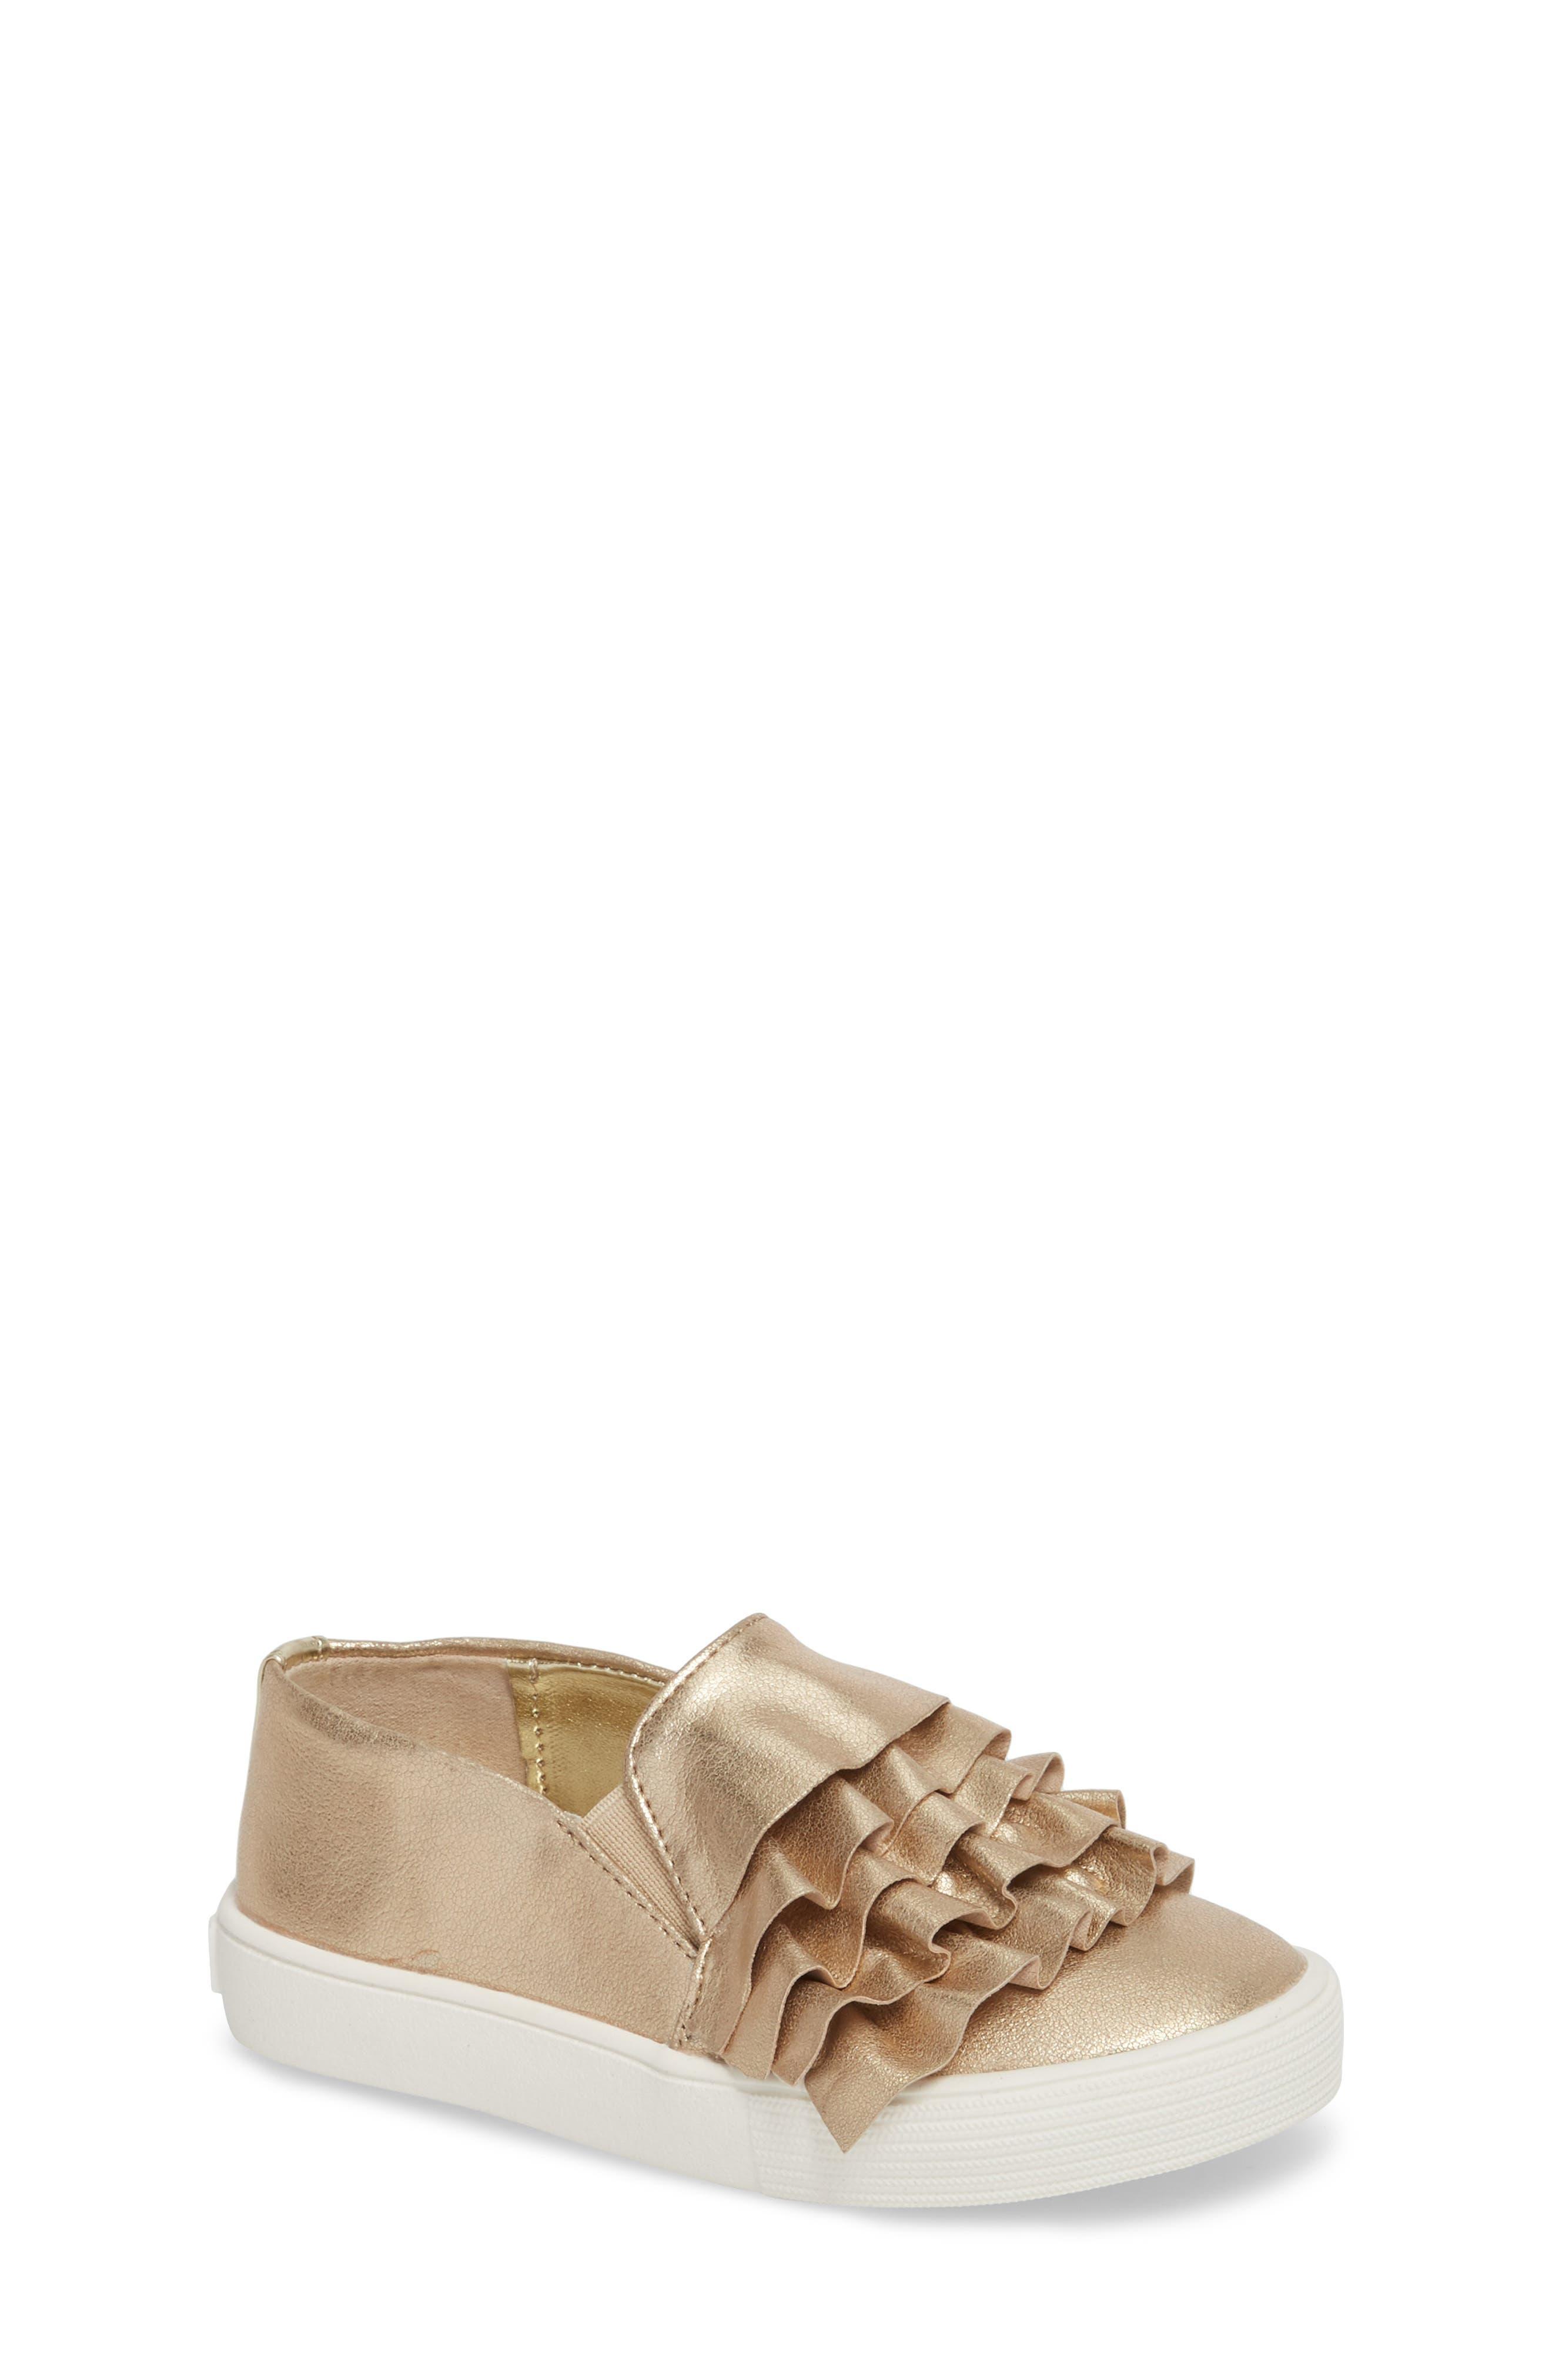 Shimmery Kam Ruffle Slip-On Sneaker,                             Main thumbnail 1, color,                             Gold